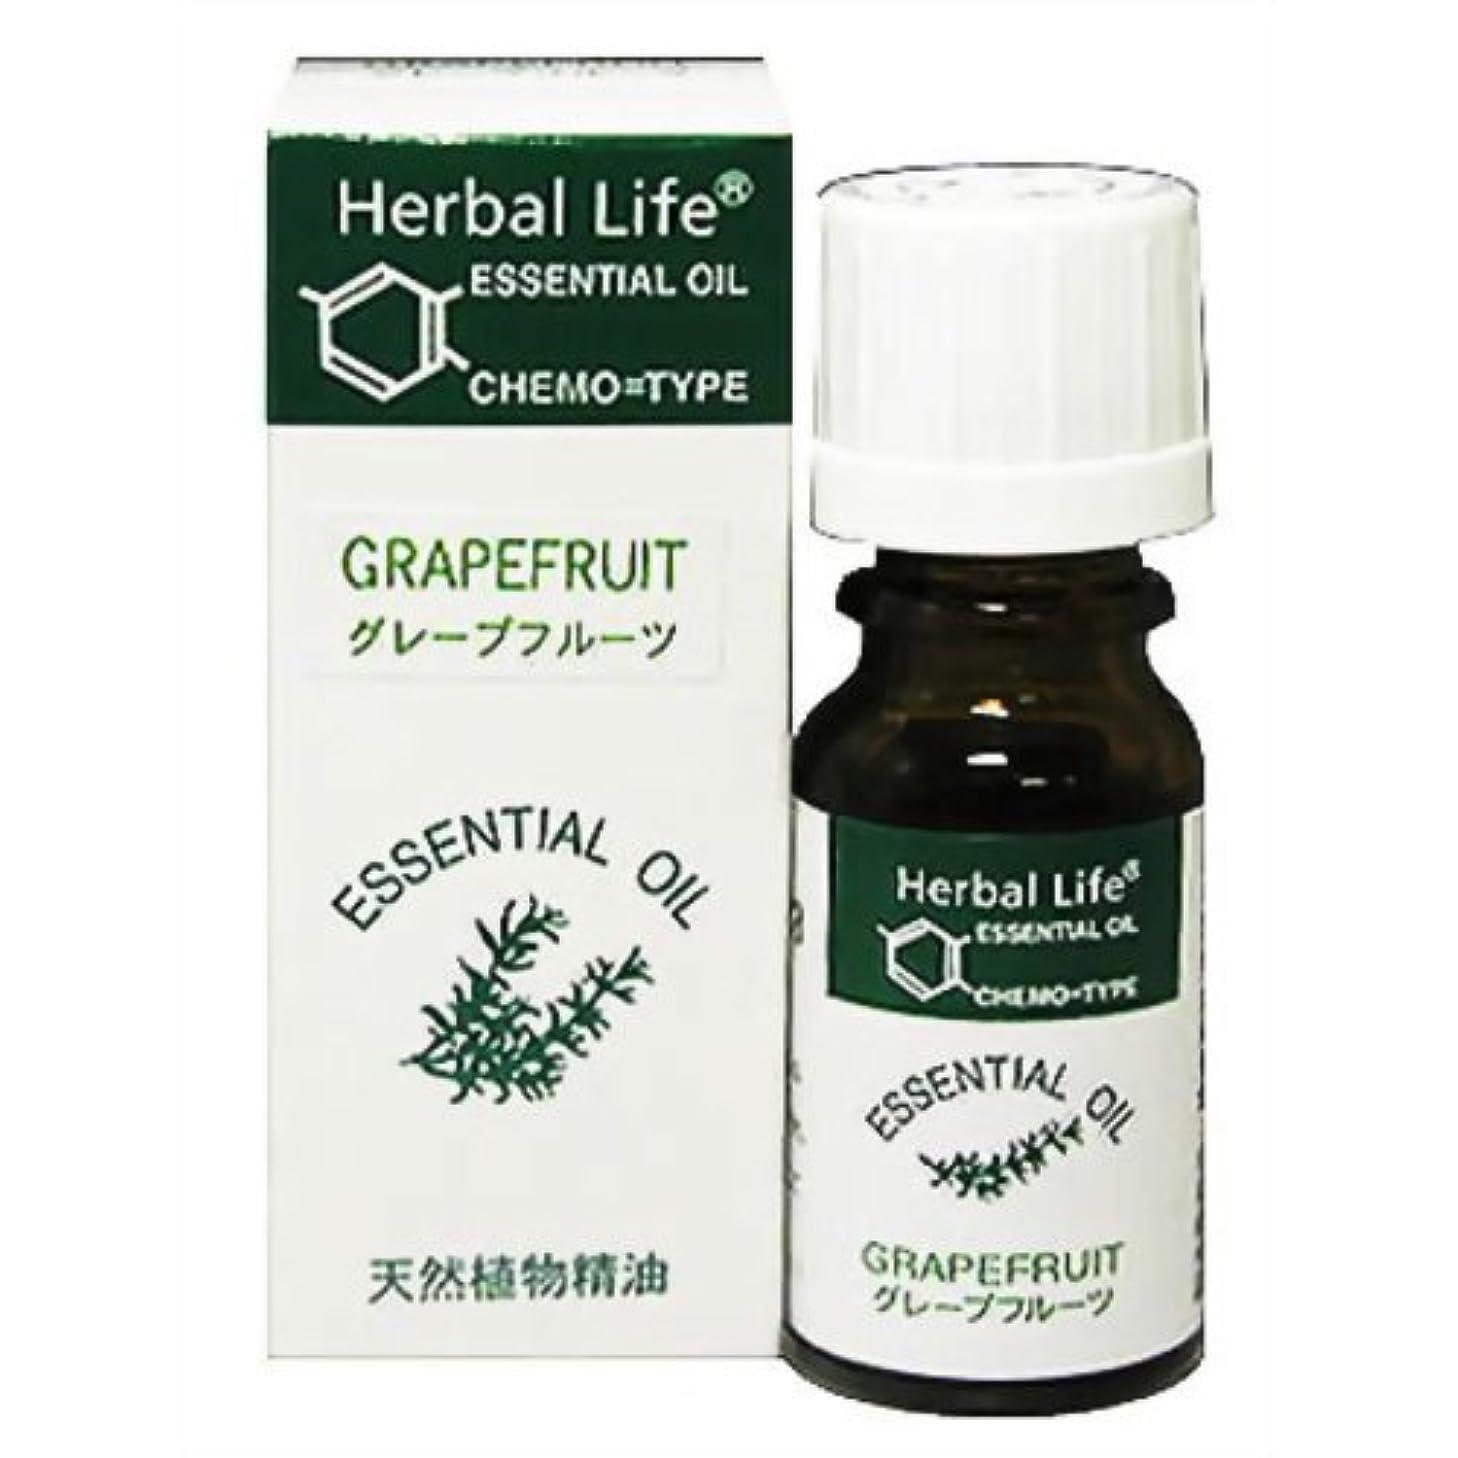 バンカー見る原理生活の木 Herbal Life グレープフルーツ 10ml